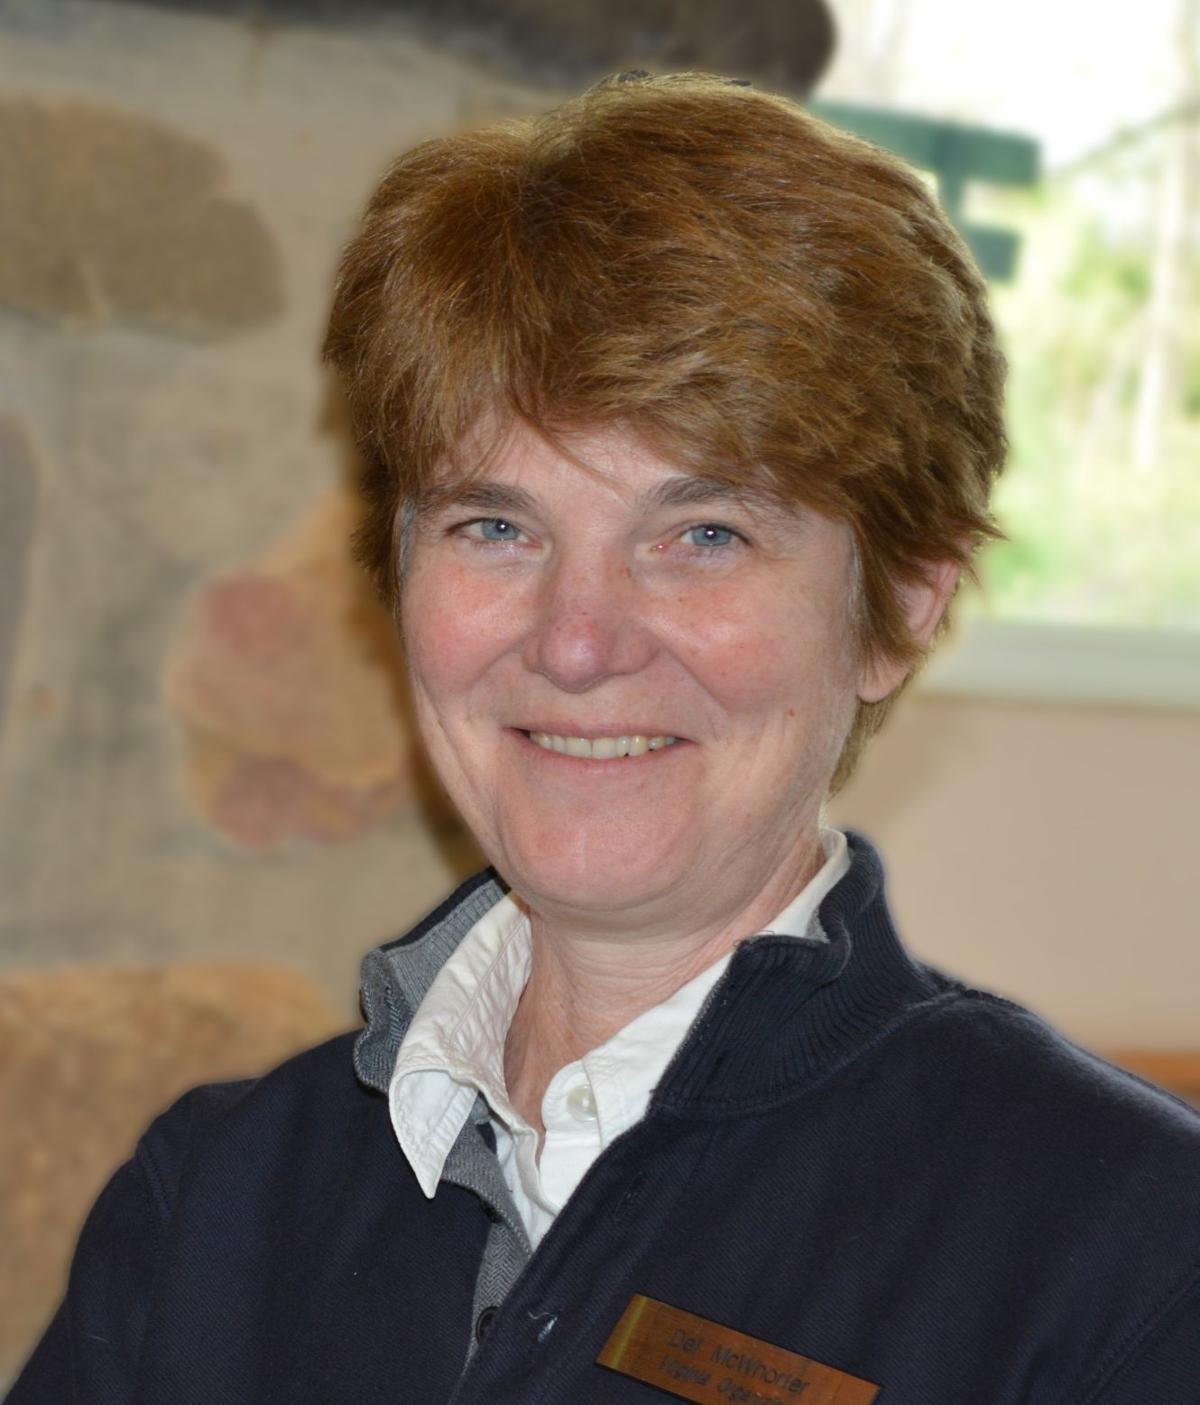 Ladelle McWhorter